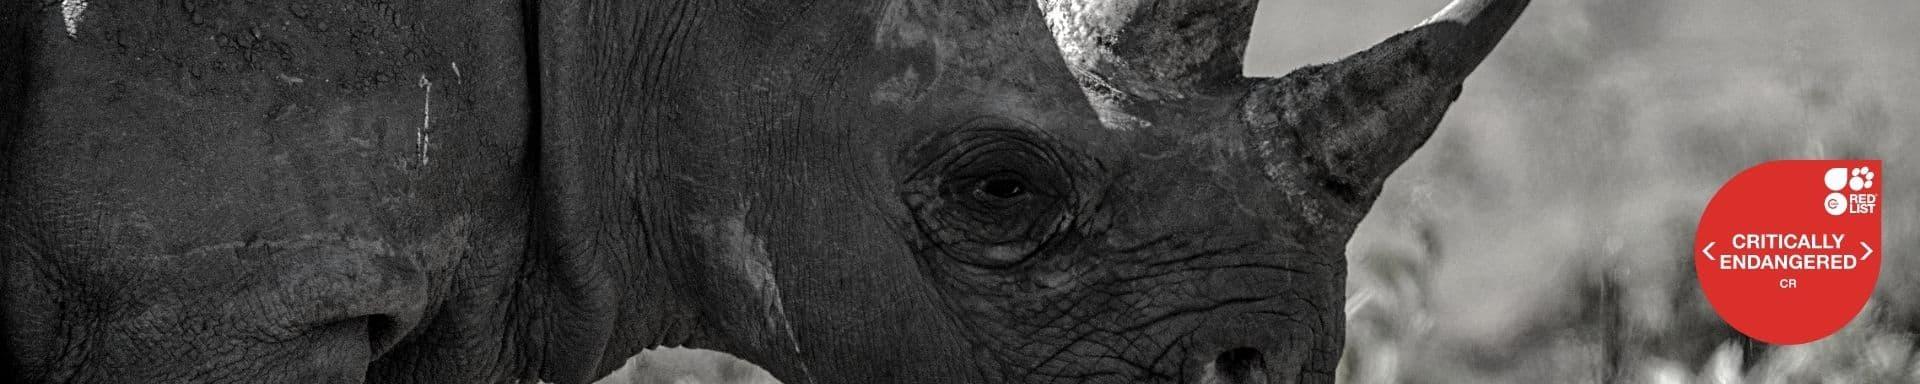 Como é definido se um animal está ou não em extenção?